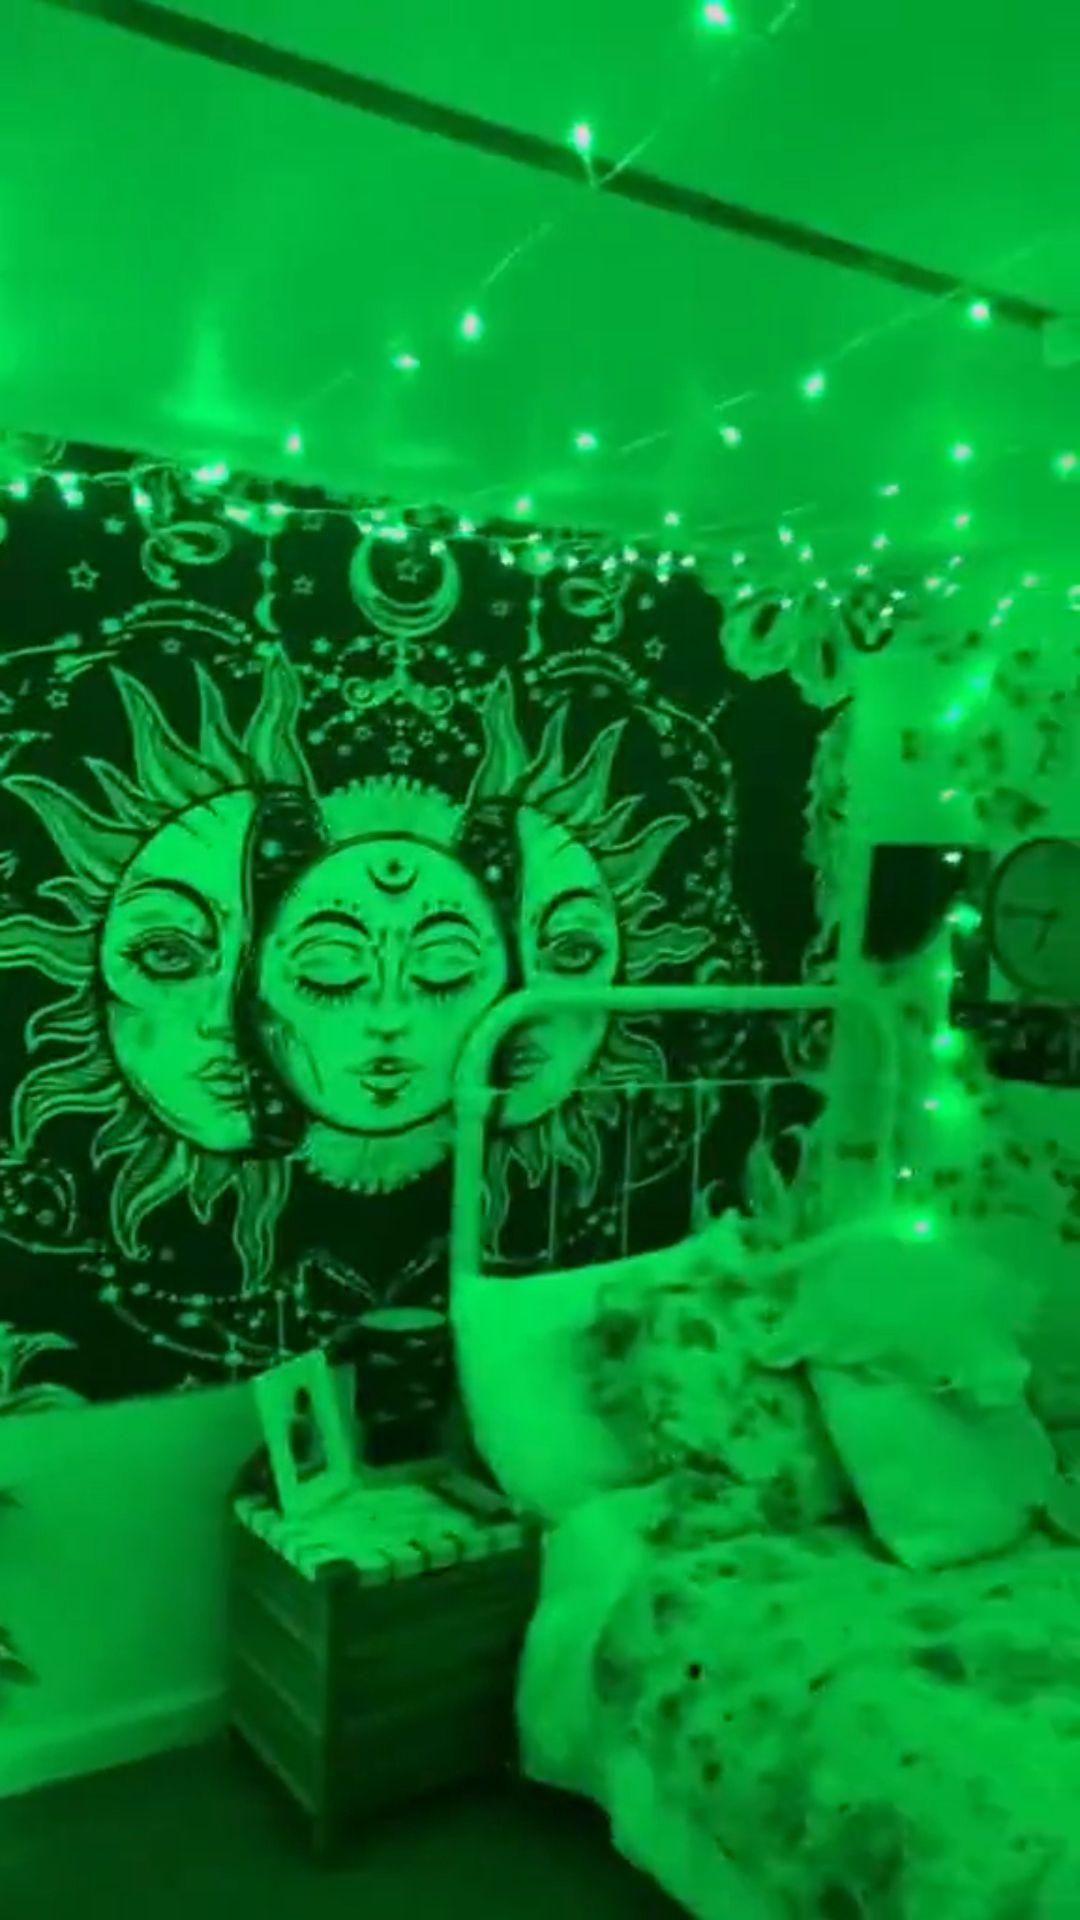 Aesthetic Room Inspo